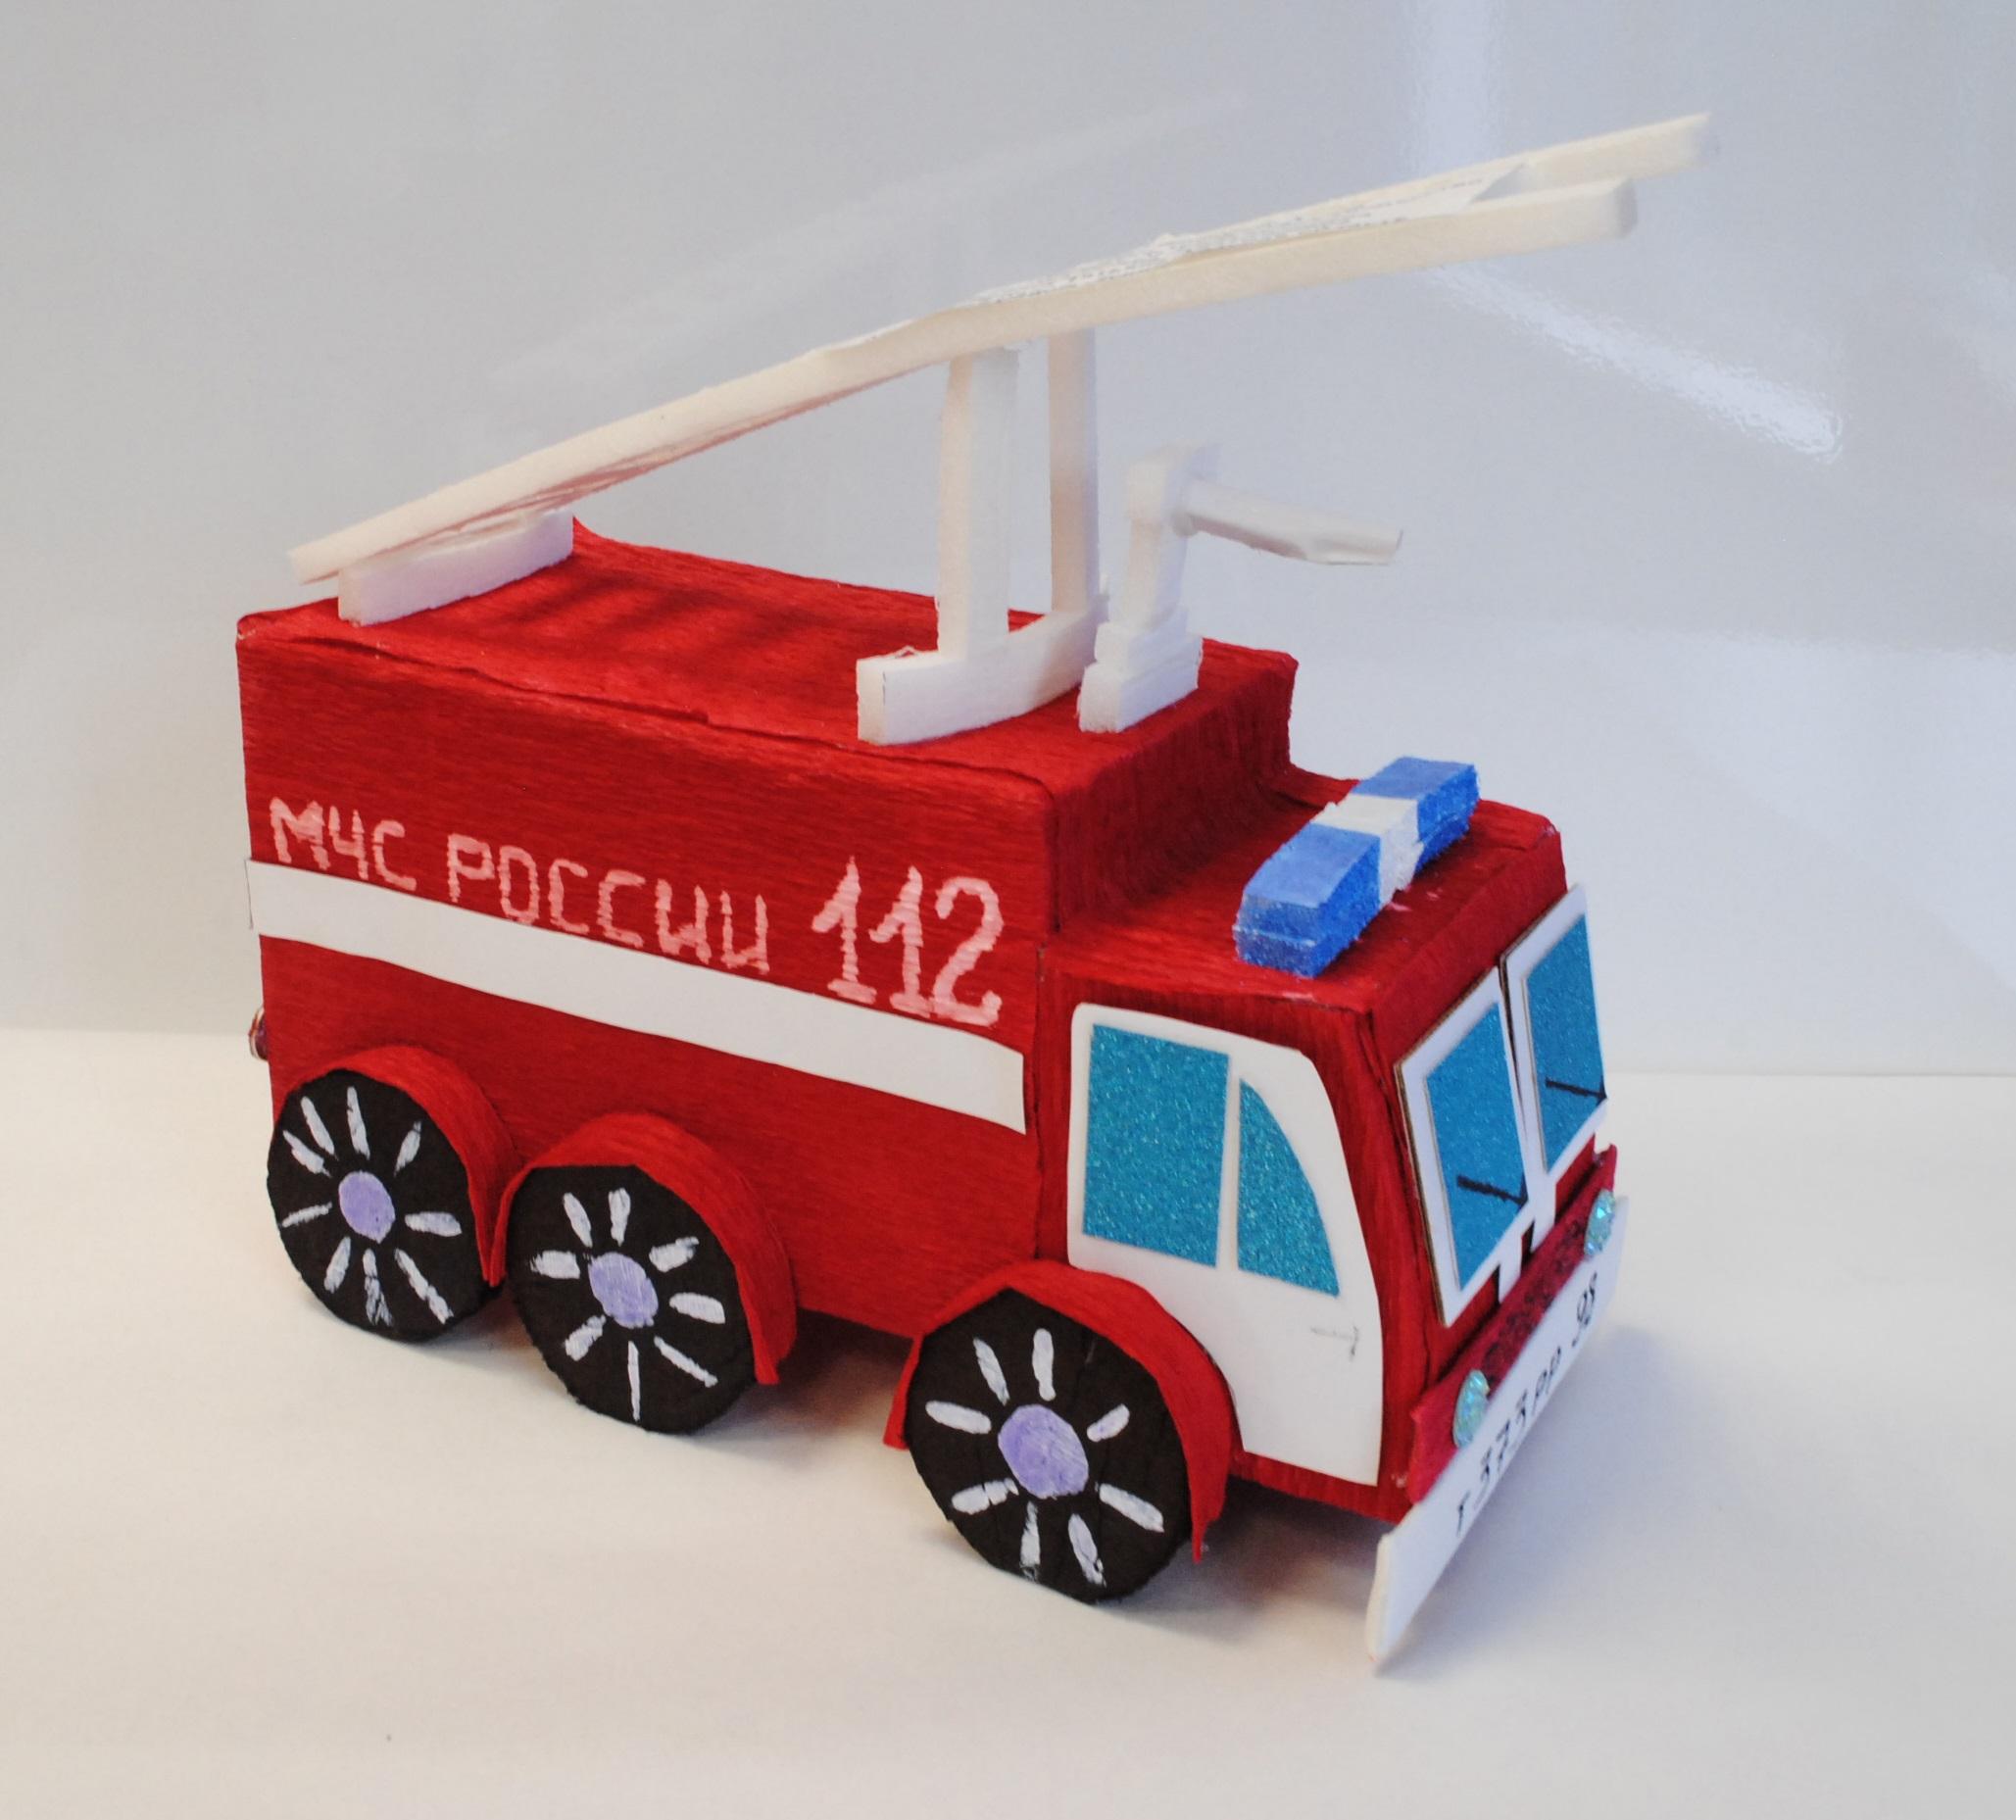 Итоги регионального этапа XVI Всероссийского конкурса  детско-юношеского творчества по пожарной безопасности «Неопалимая купина»